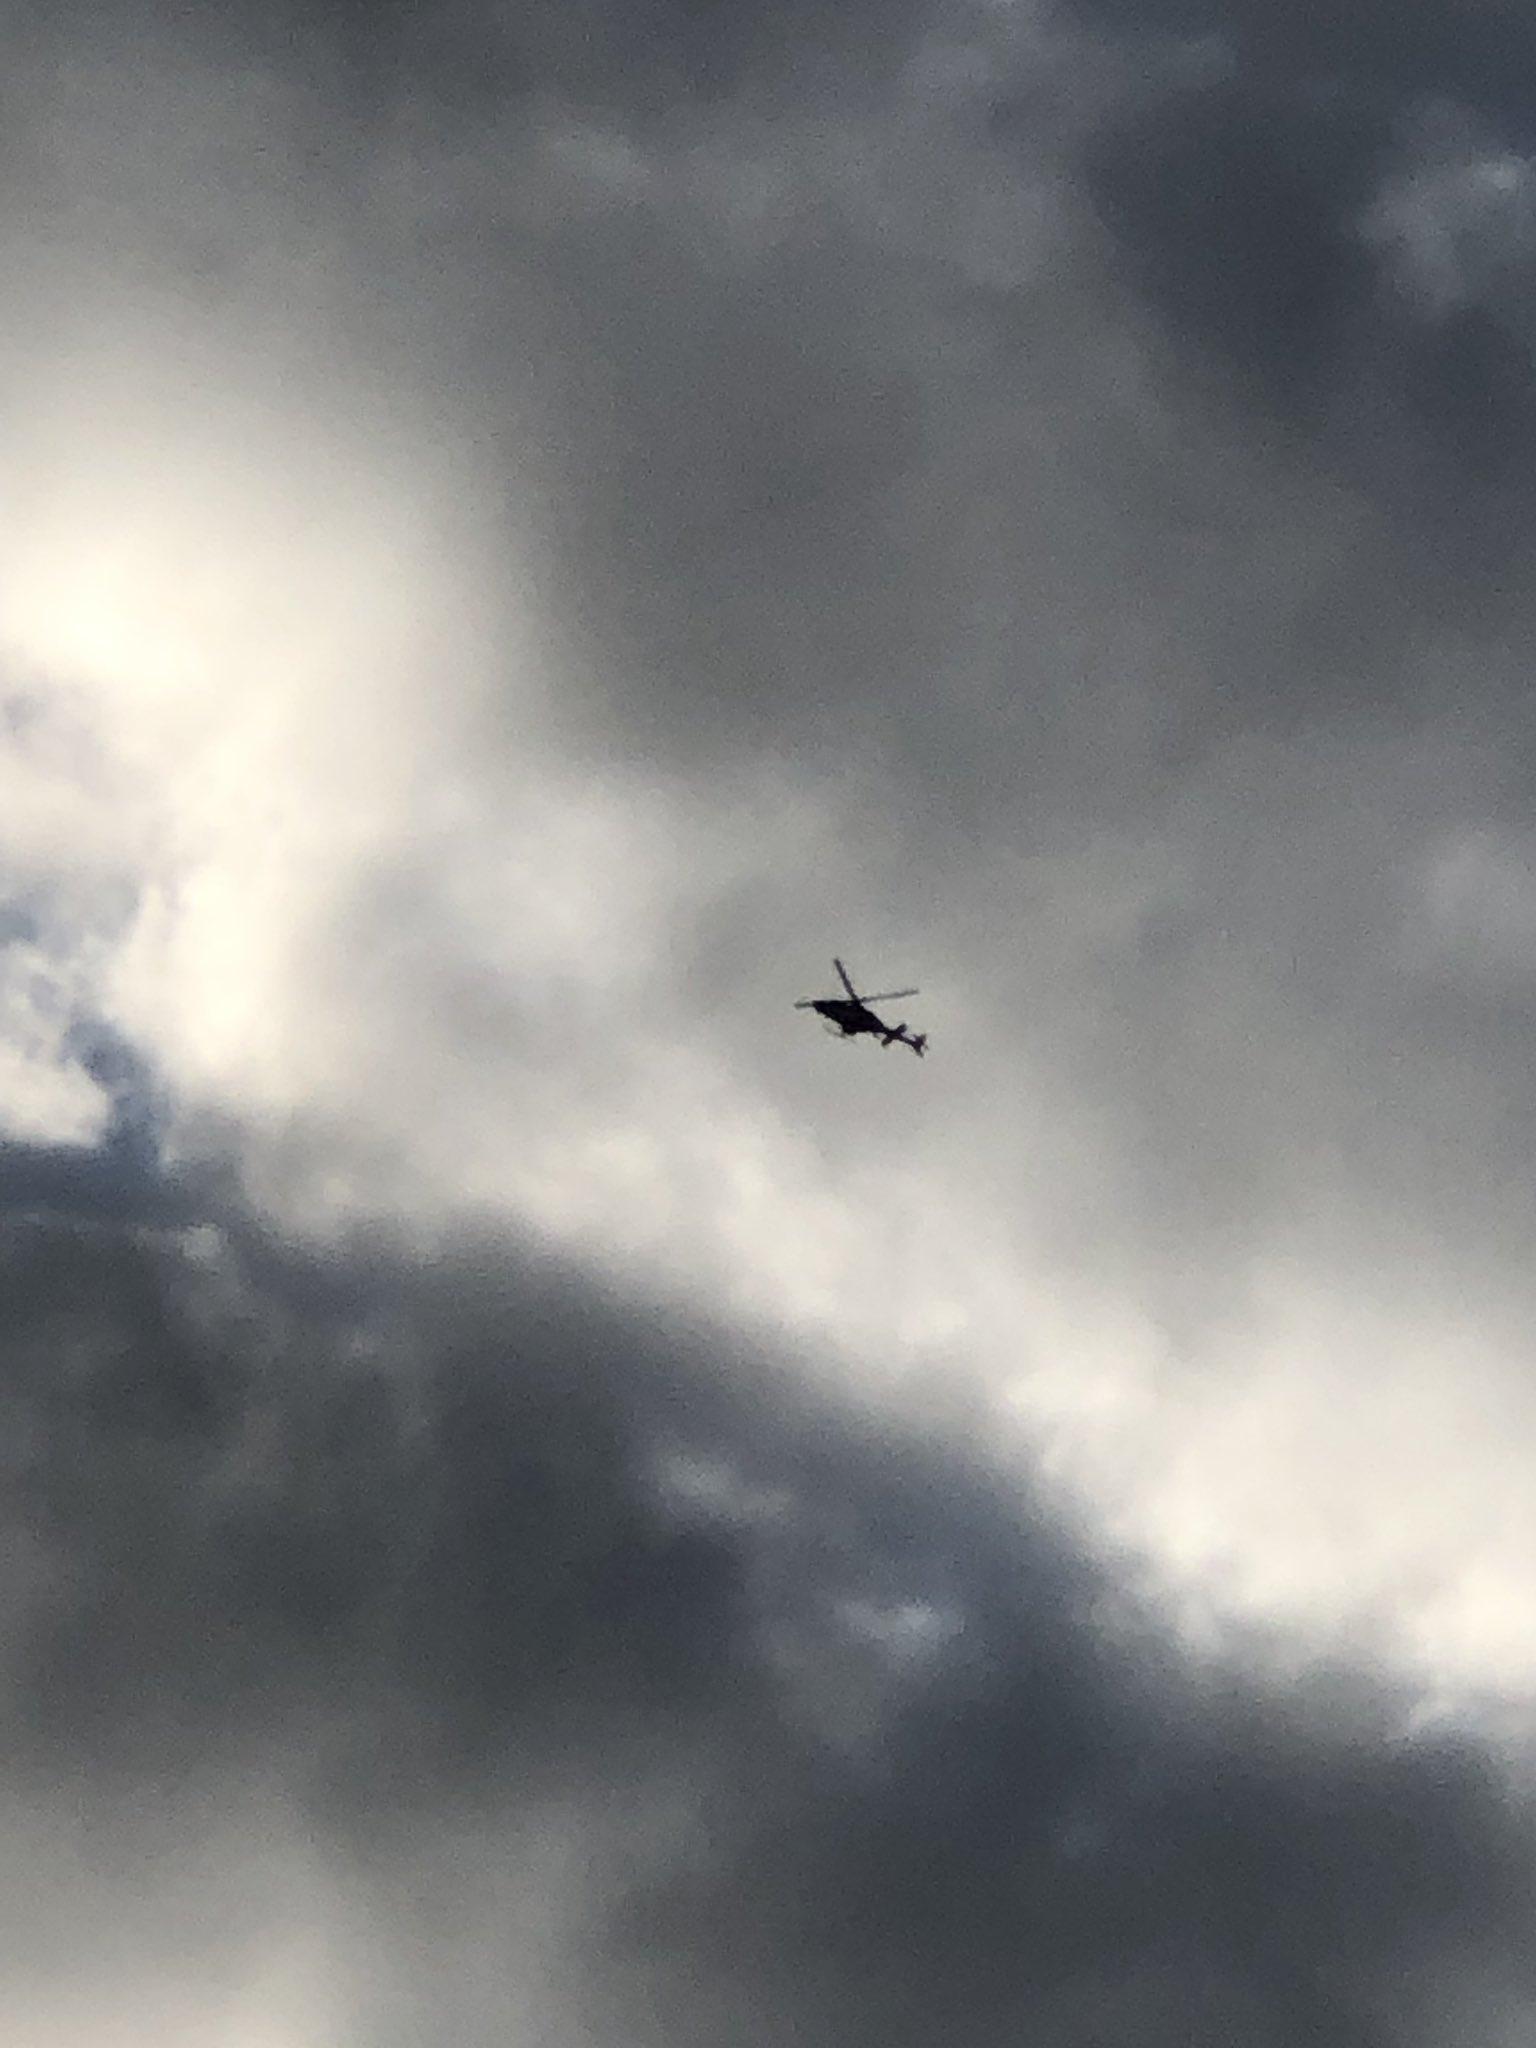 画像,目と鼻の先で発砲事件が。ヘリがかなり集まってきた。 https://t.co/rgMhfIPQIT。